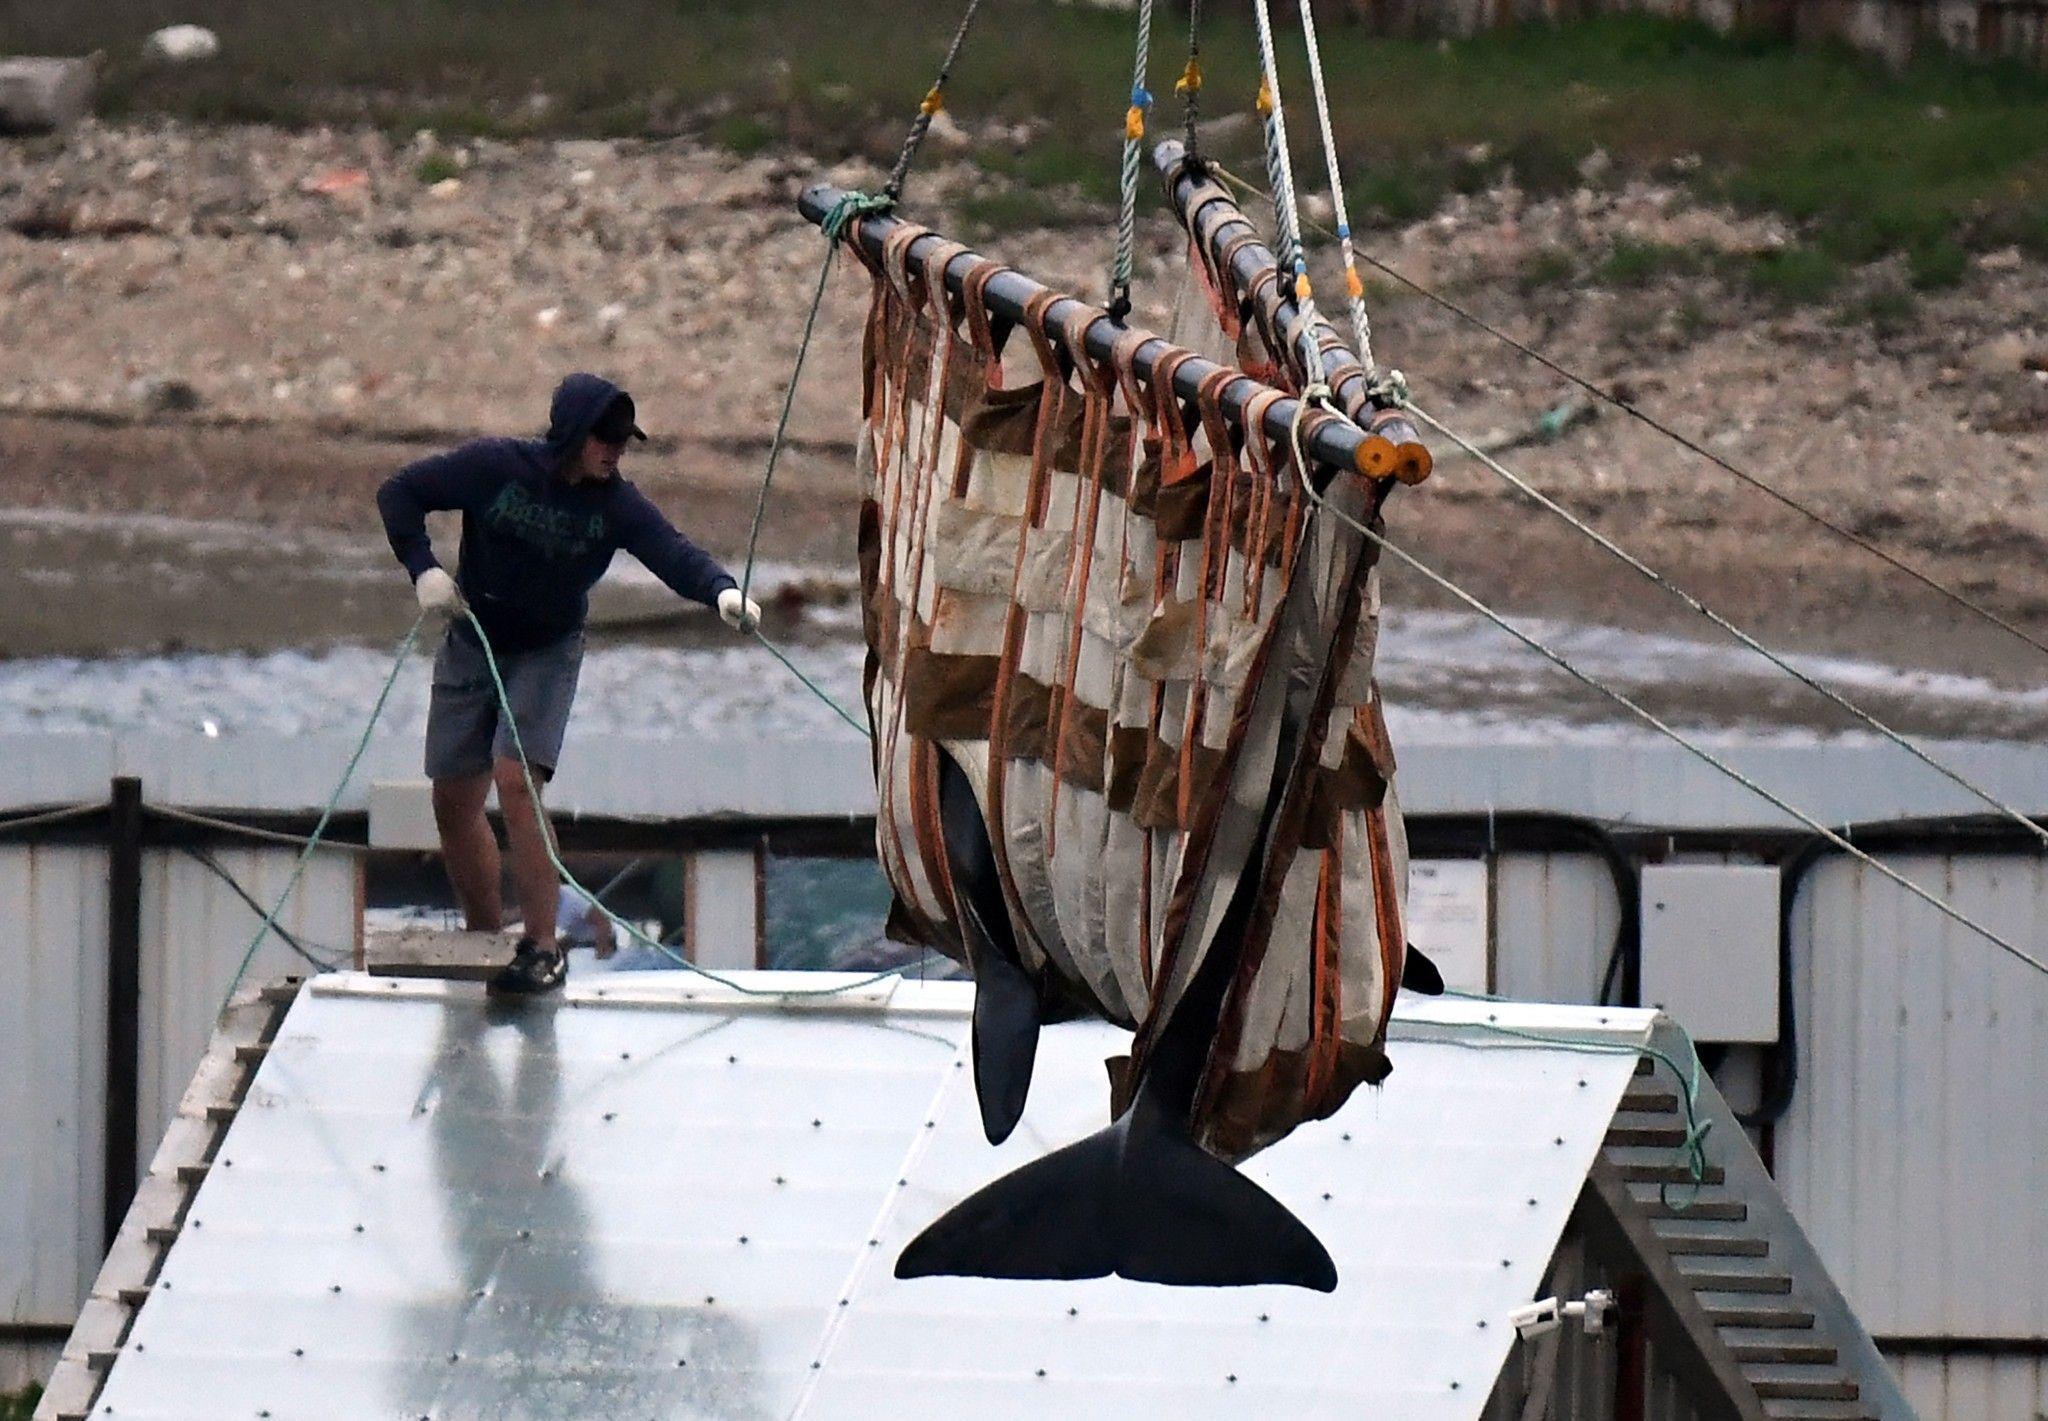 Les 97 orques et bélugas retenus en Russie entament leur long voyage vers la liberté | National Geographic